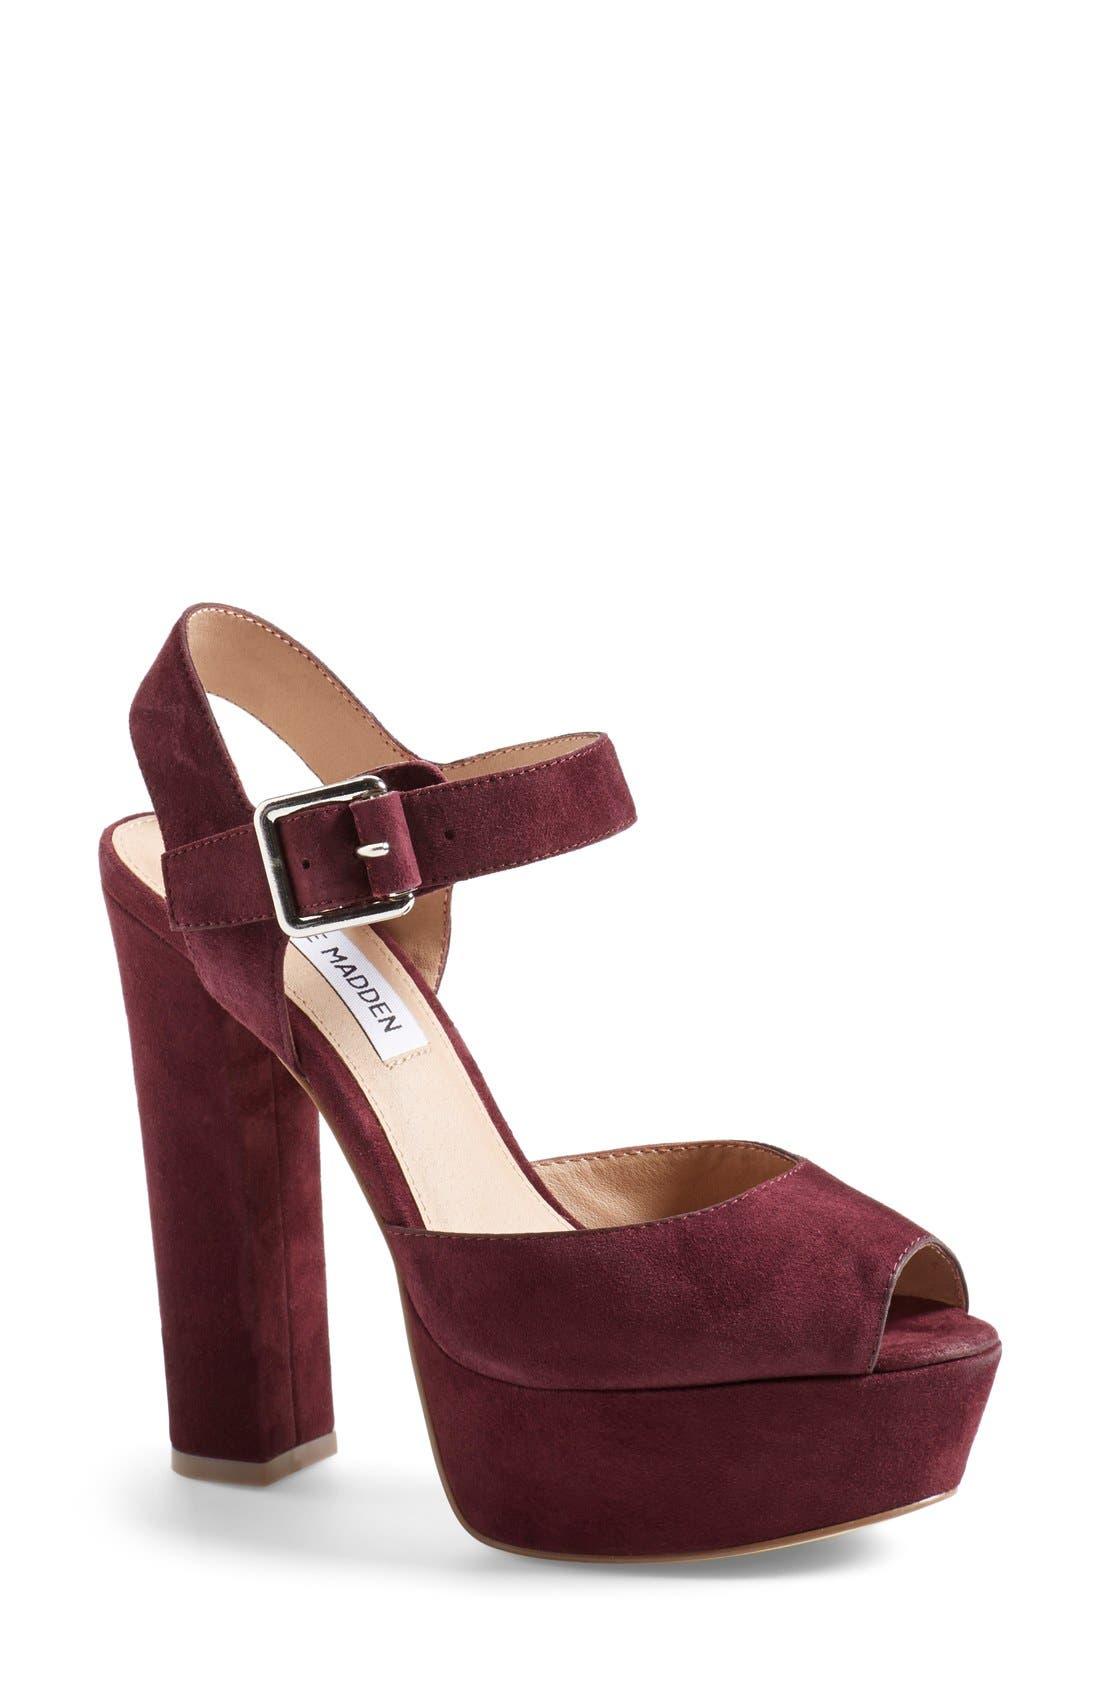 Main Image - Steve Madden 'Jillyy' Platform Sandal (Women)